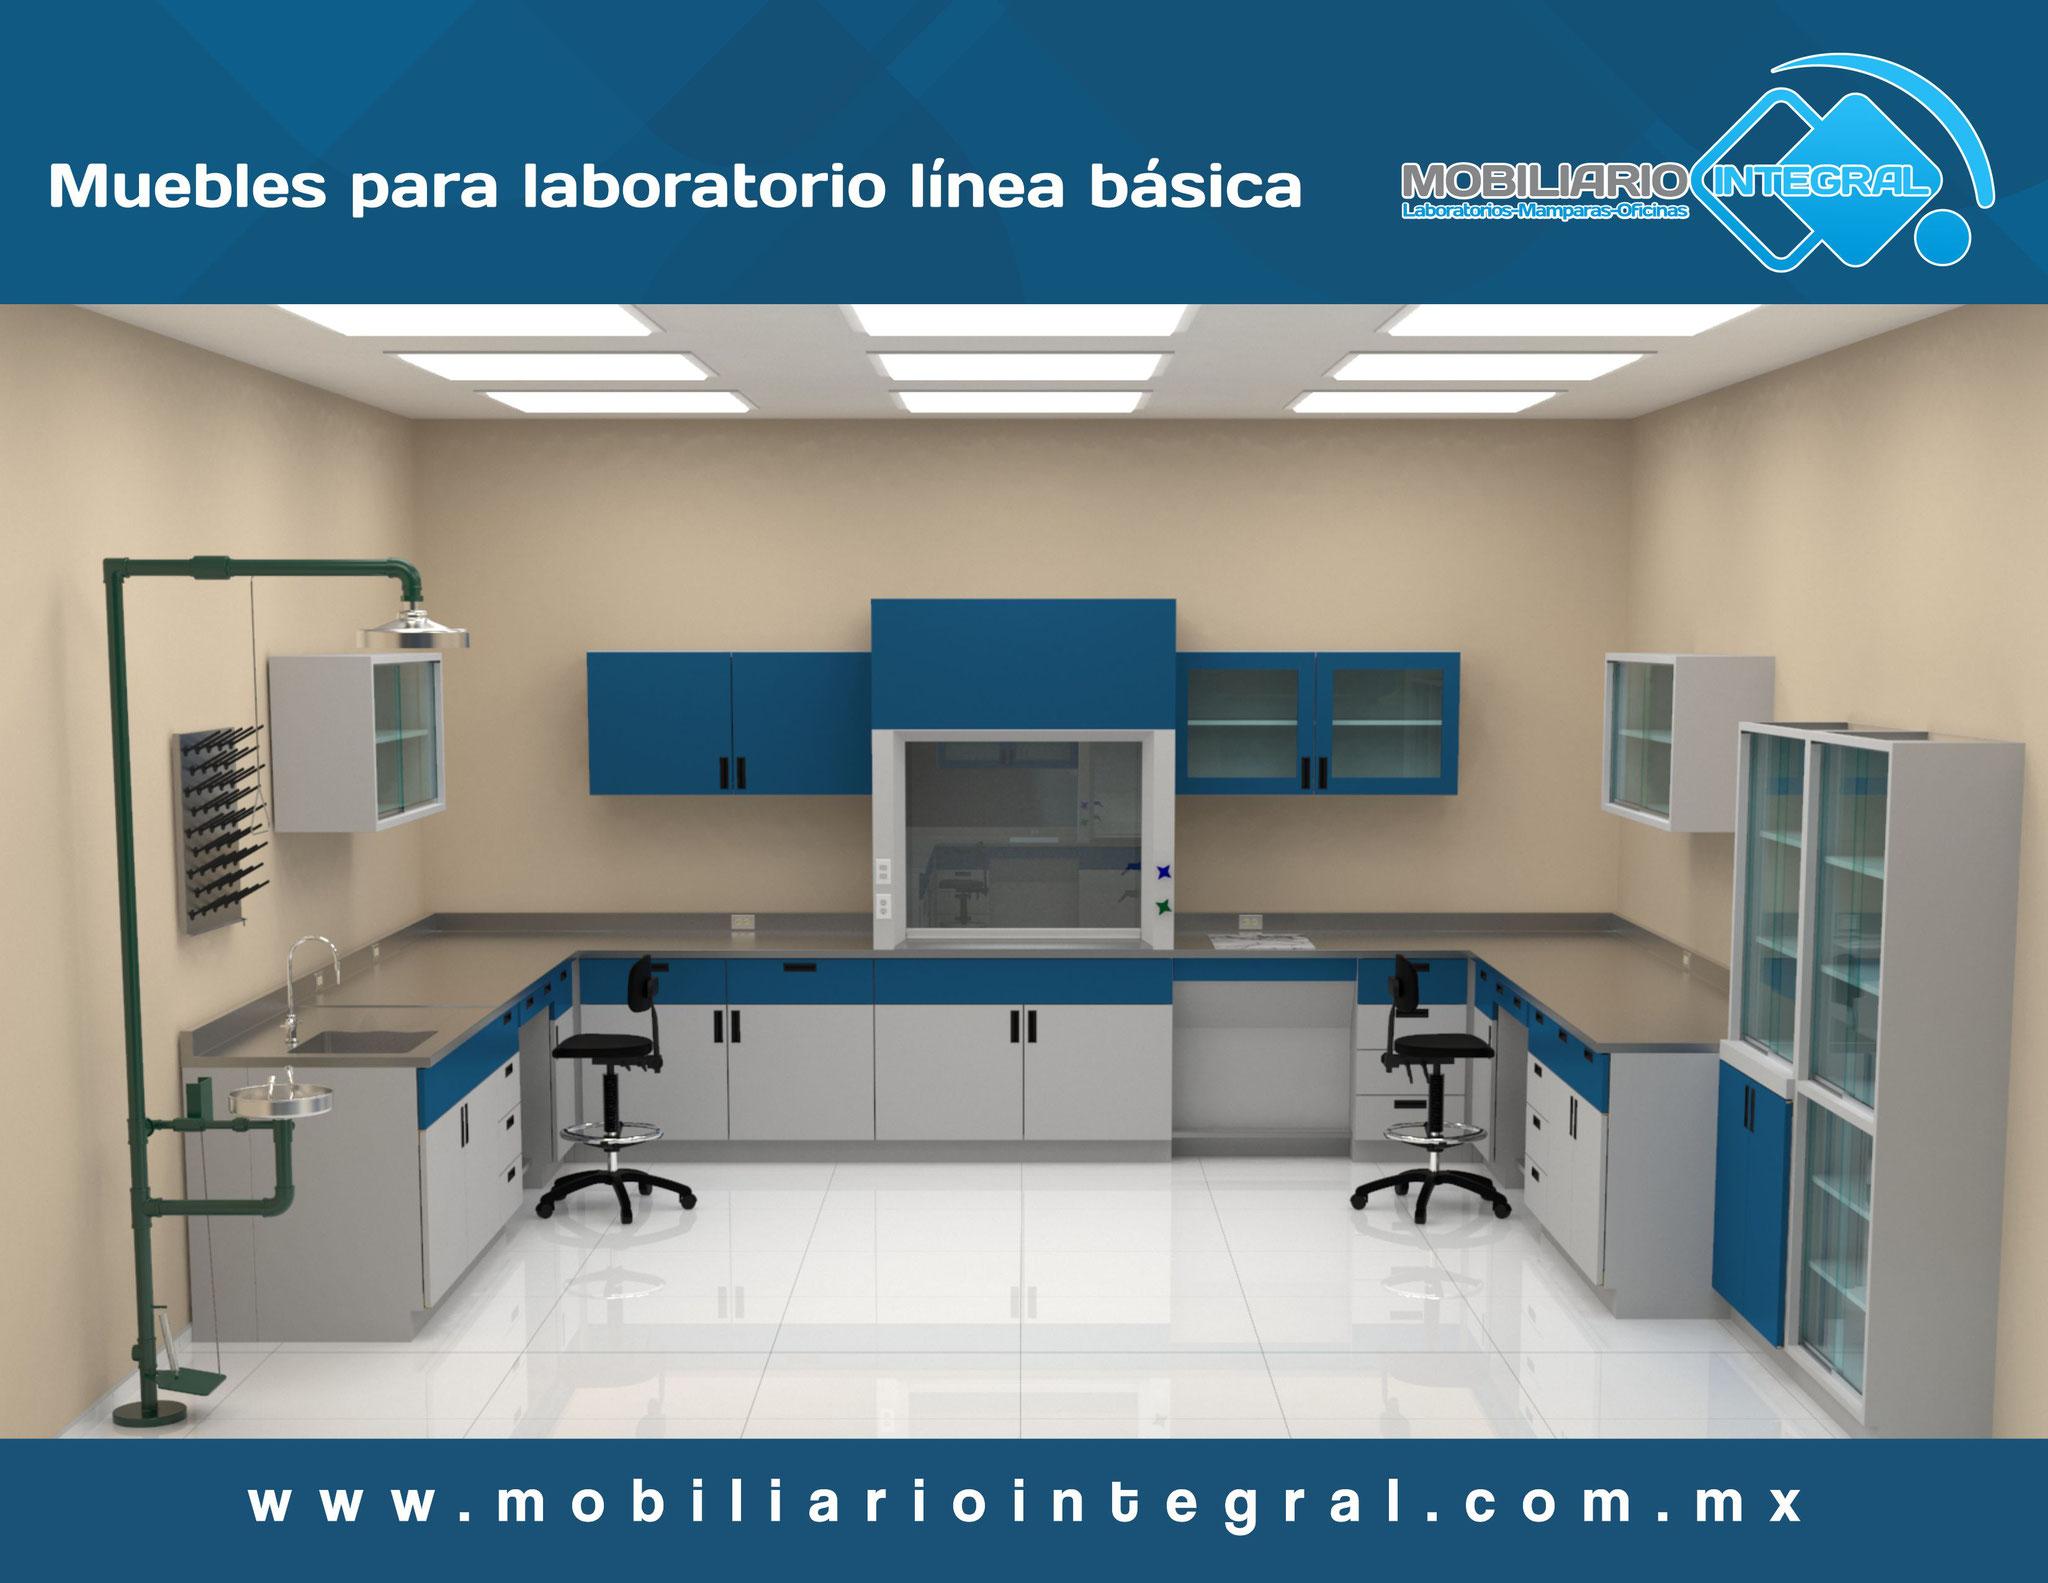 Muebles para laboratorio en Naucalpan